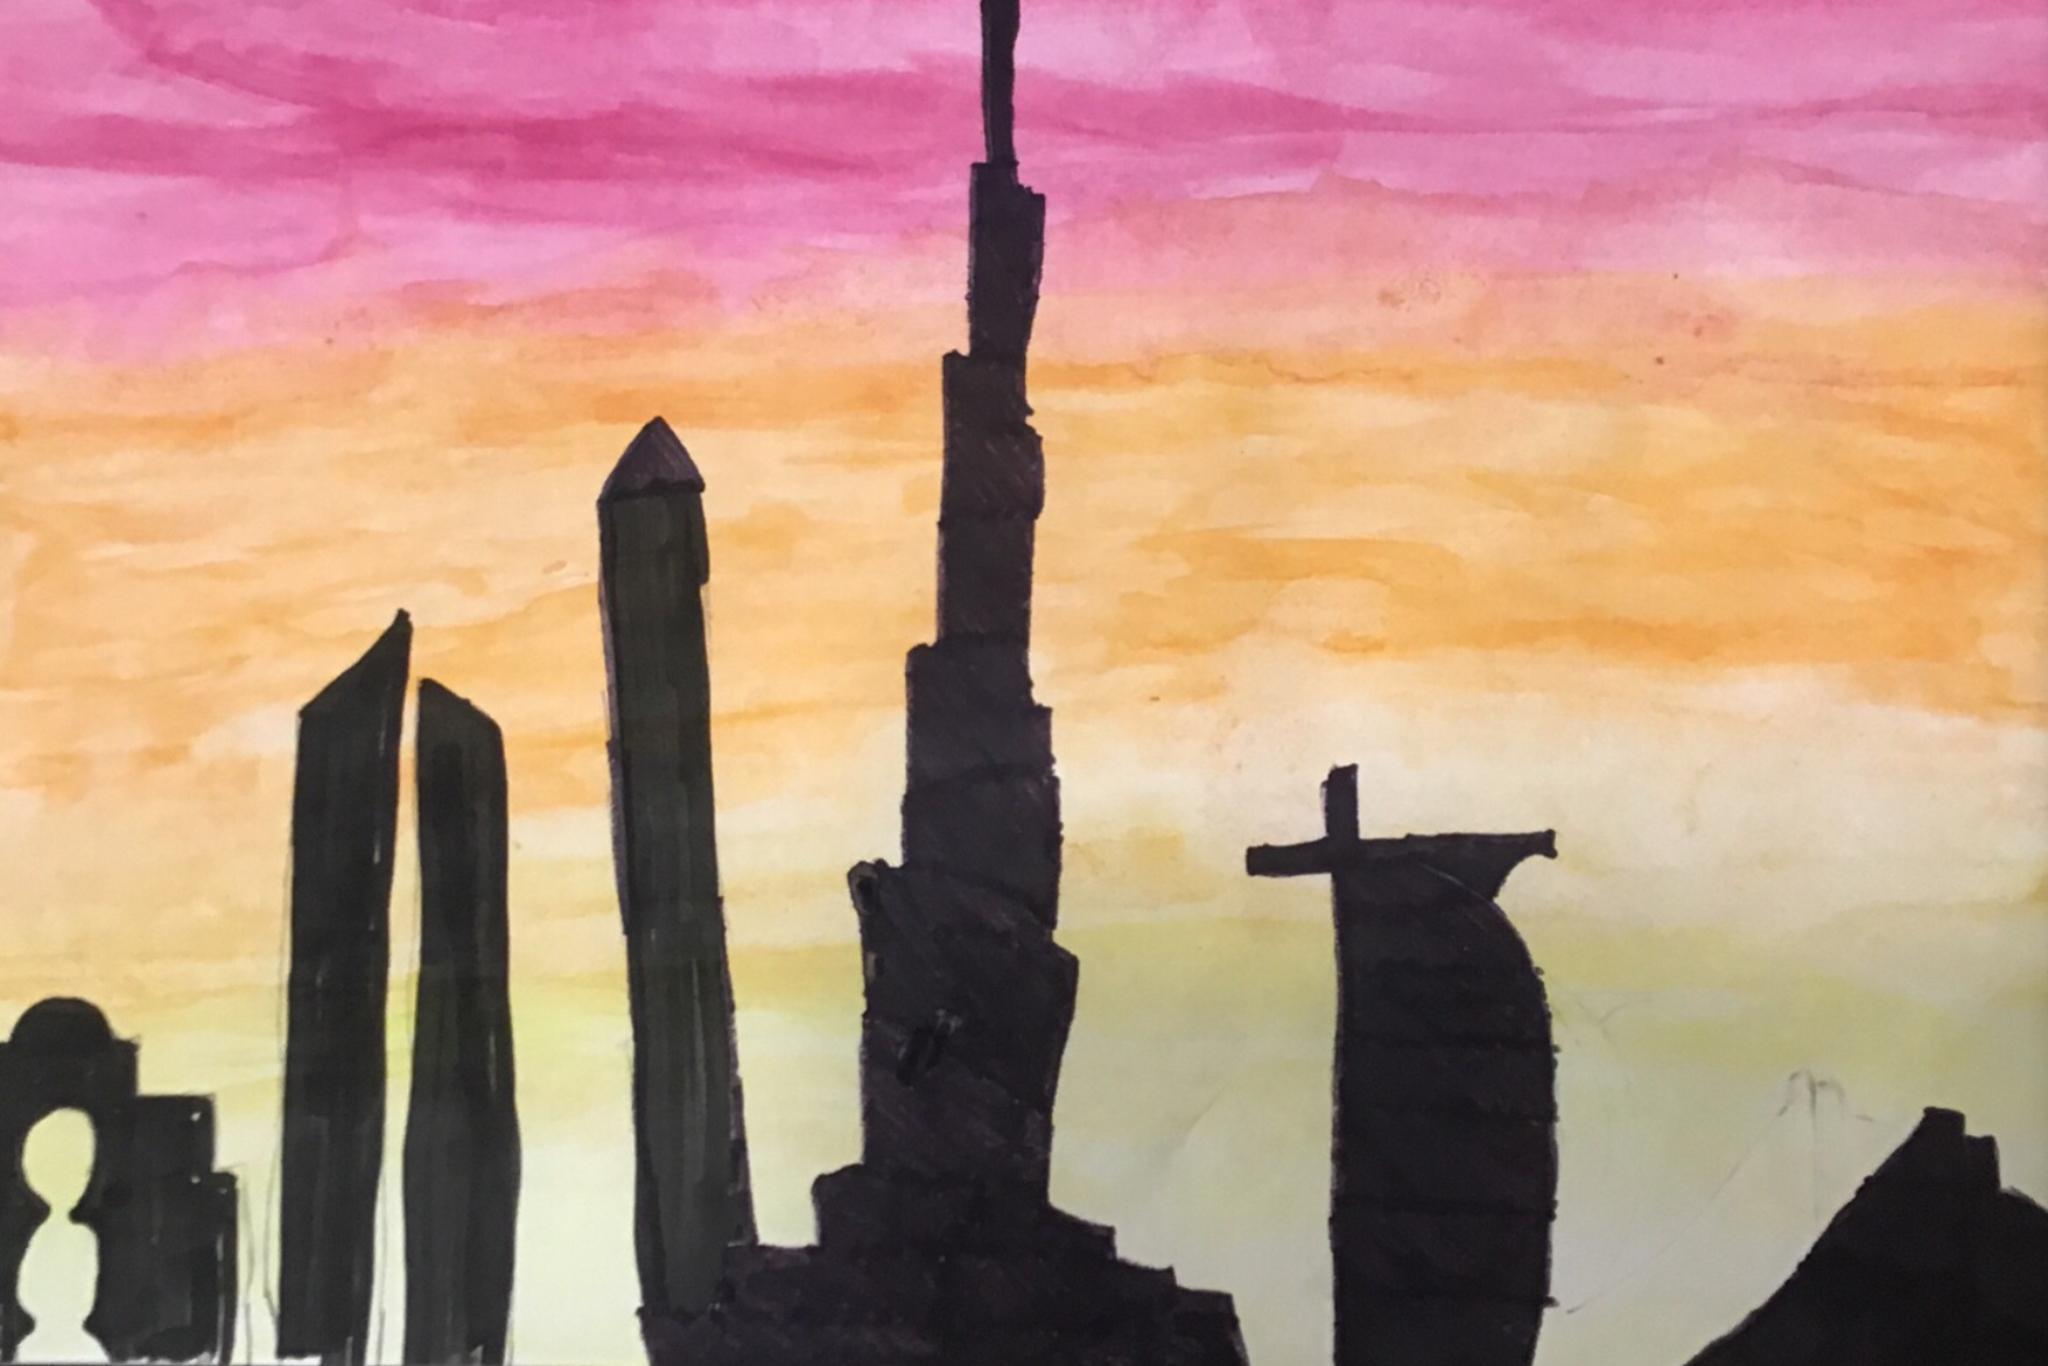 Dubai at Sunrise by Jordanna Joseph